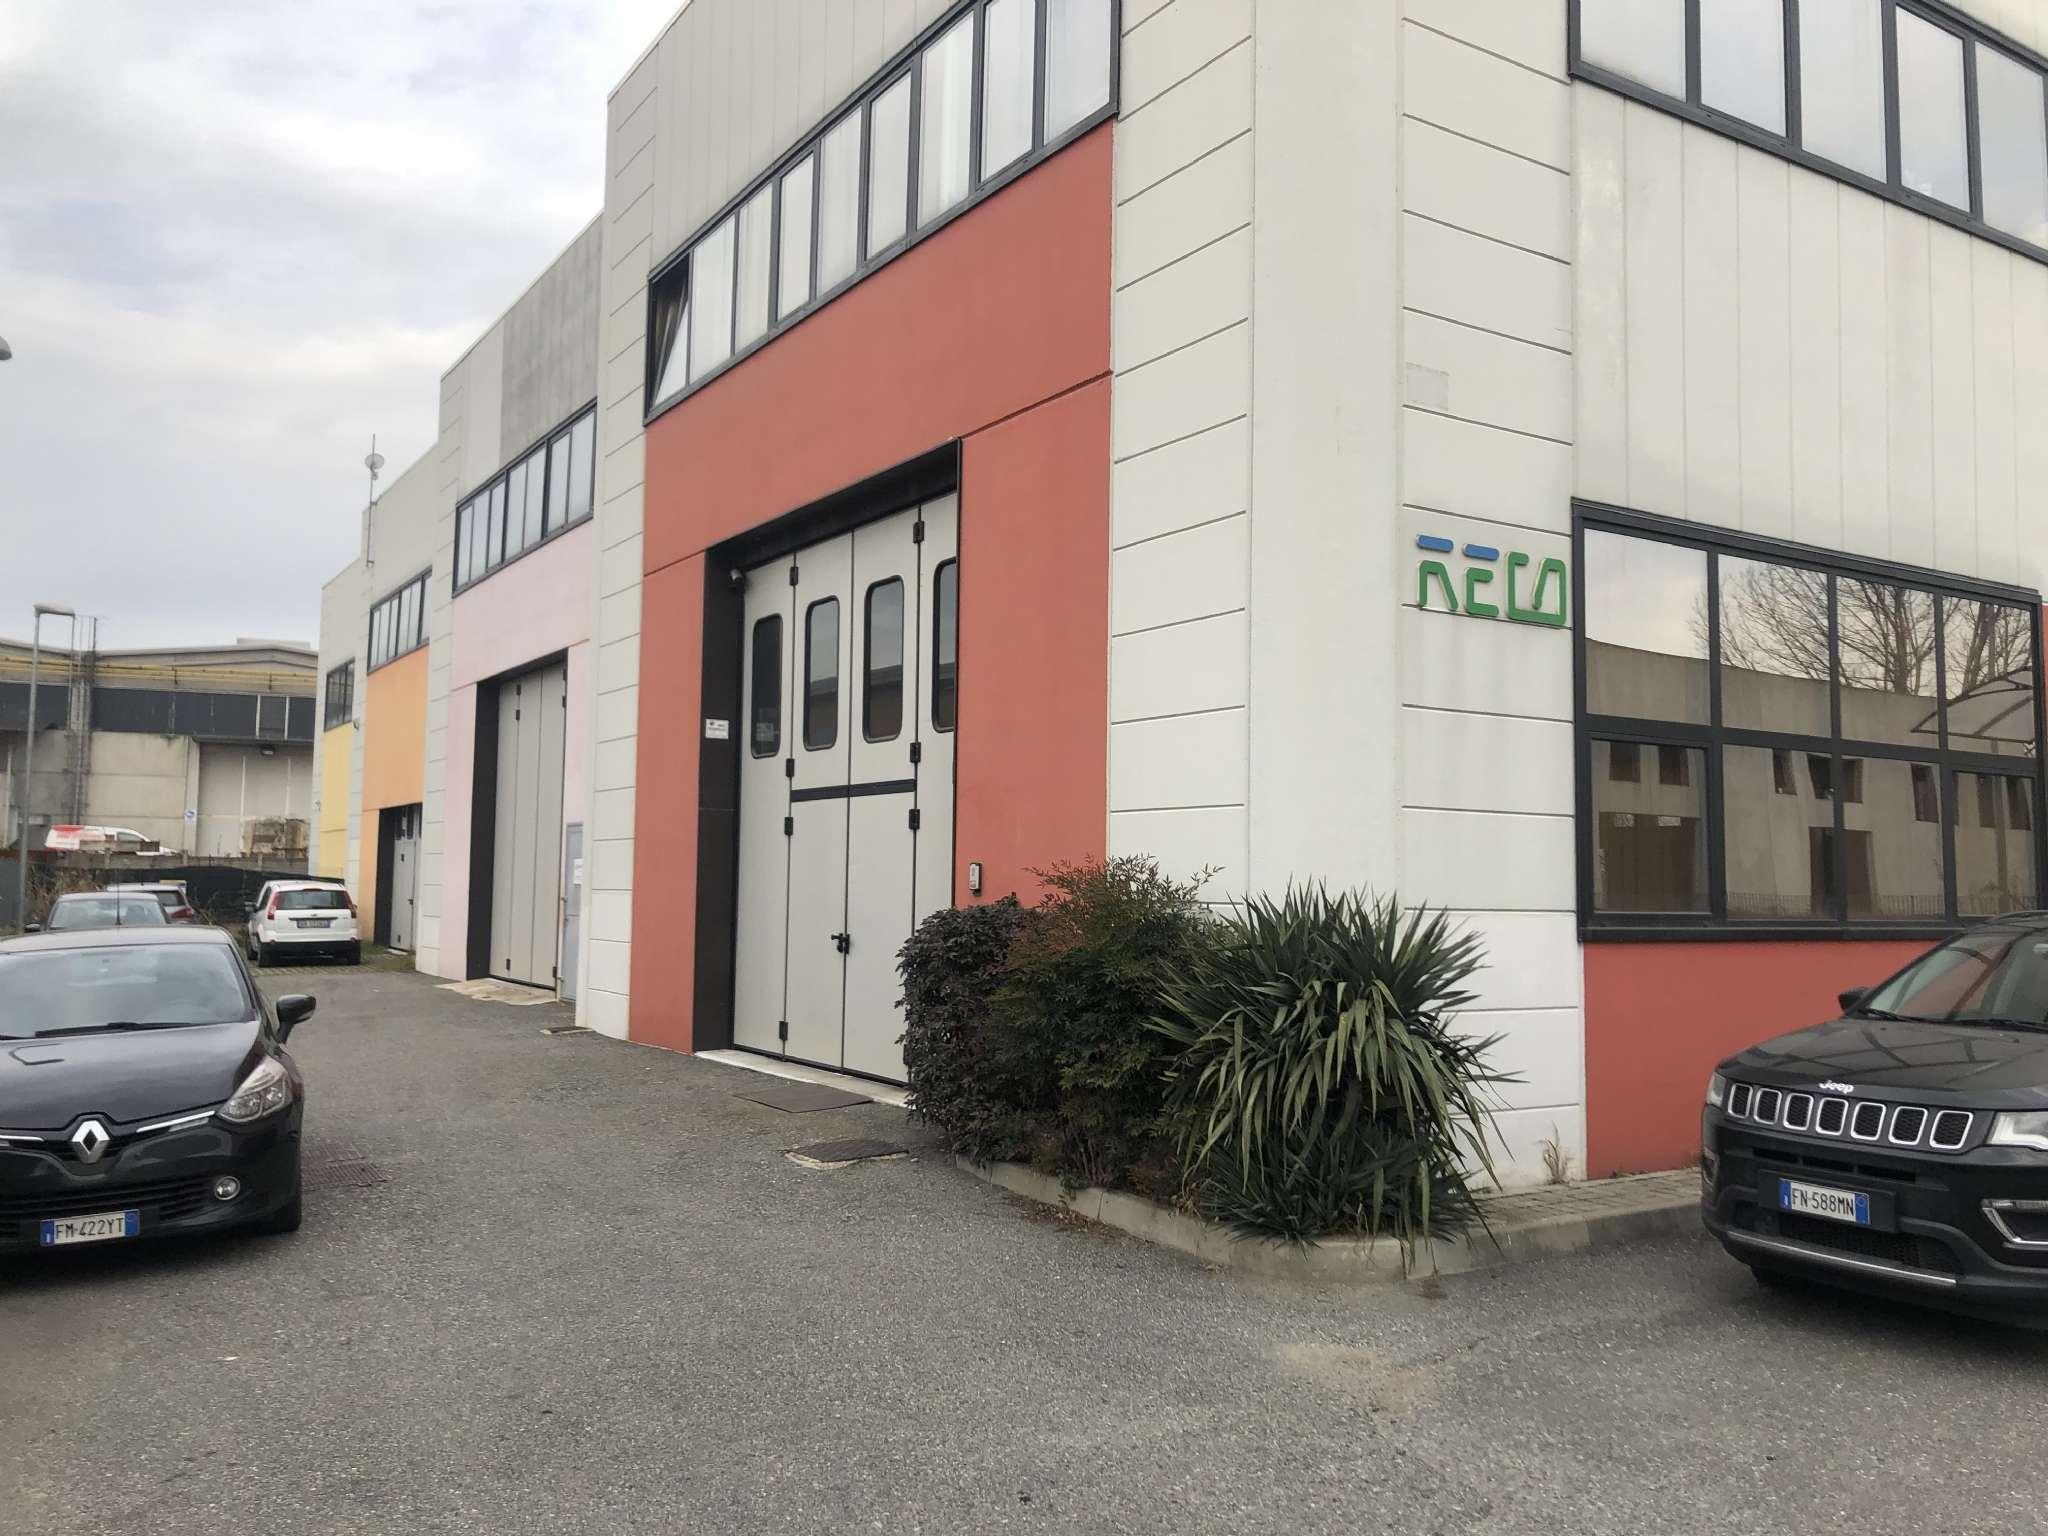 Magazzino in affitto a Rosta, 2 locali, prezzo € 720 | PortaleAgenzieImmobiliari.it